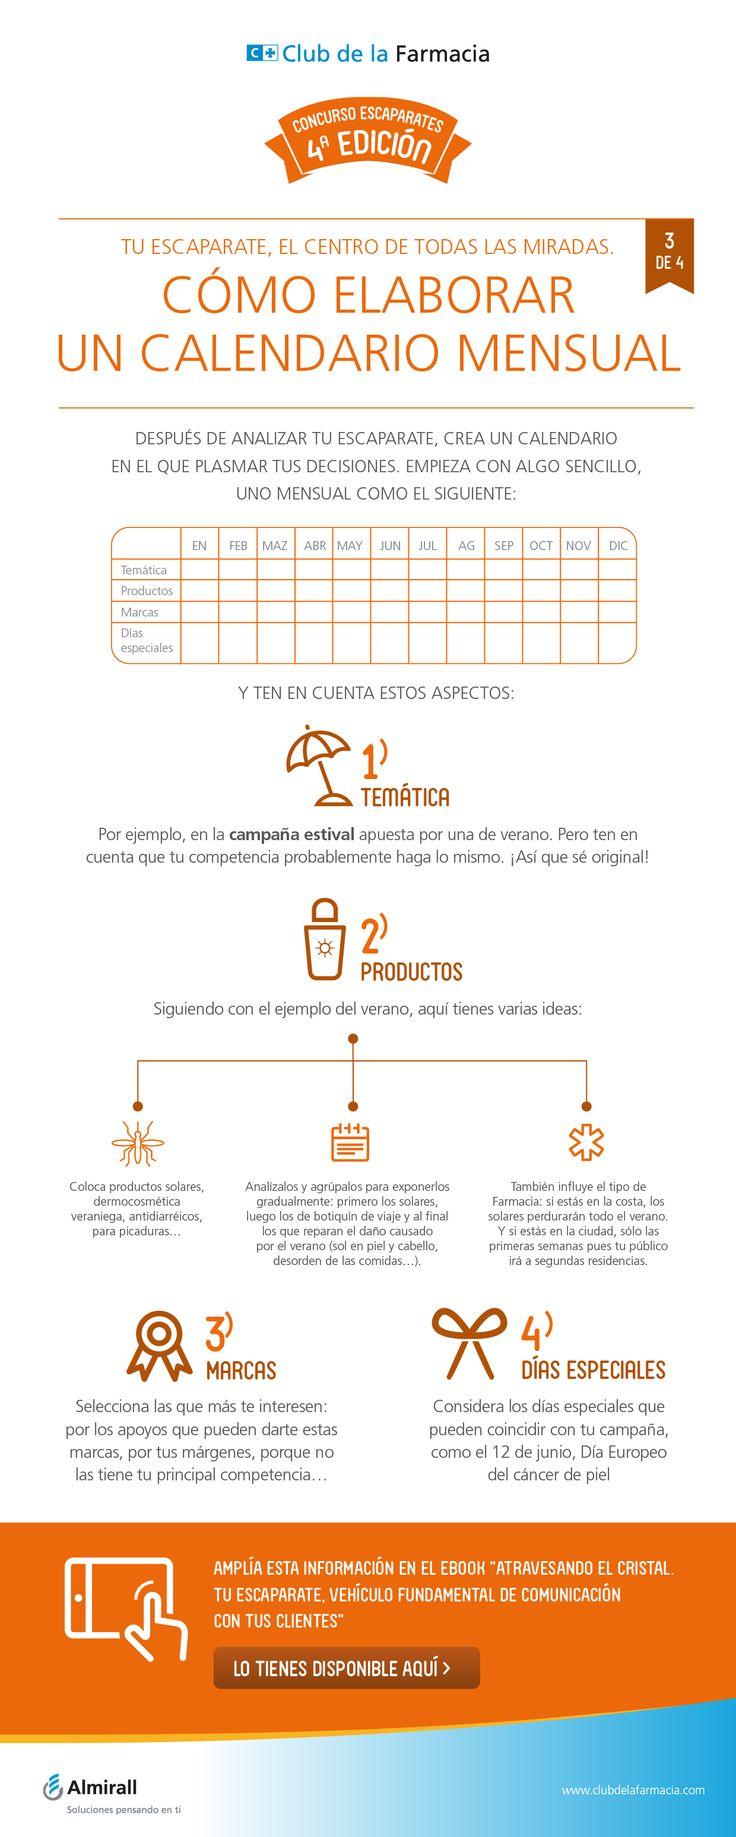 ¿Cómo elaborar un calendario mensual para el escaparate de tu farmacia? Descúbrelo en la Infografía creada por el Club de la Farmacia para el IV Concurso Thiomucase de Escaparates